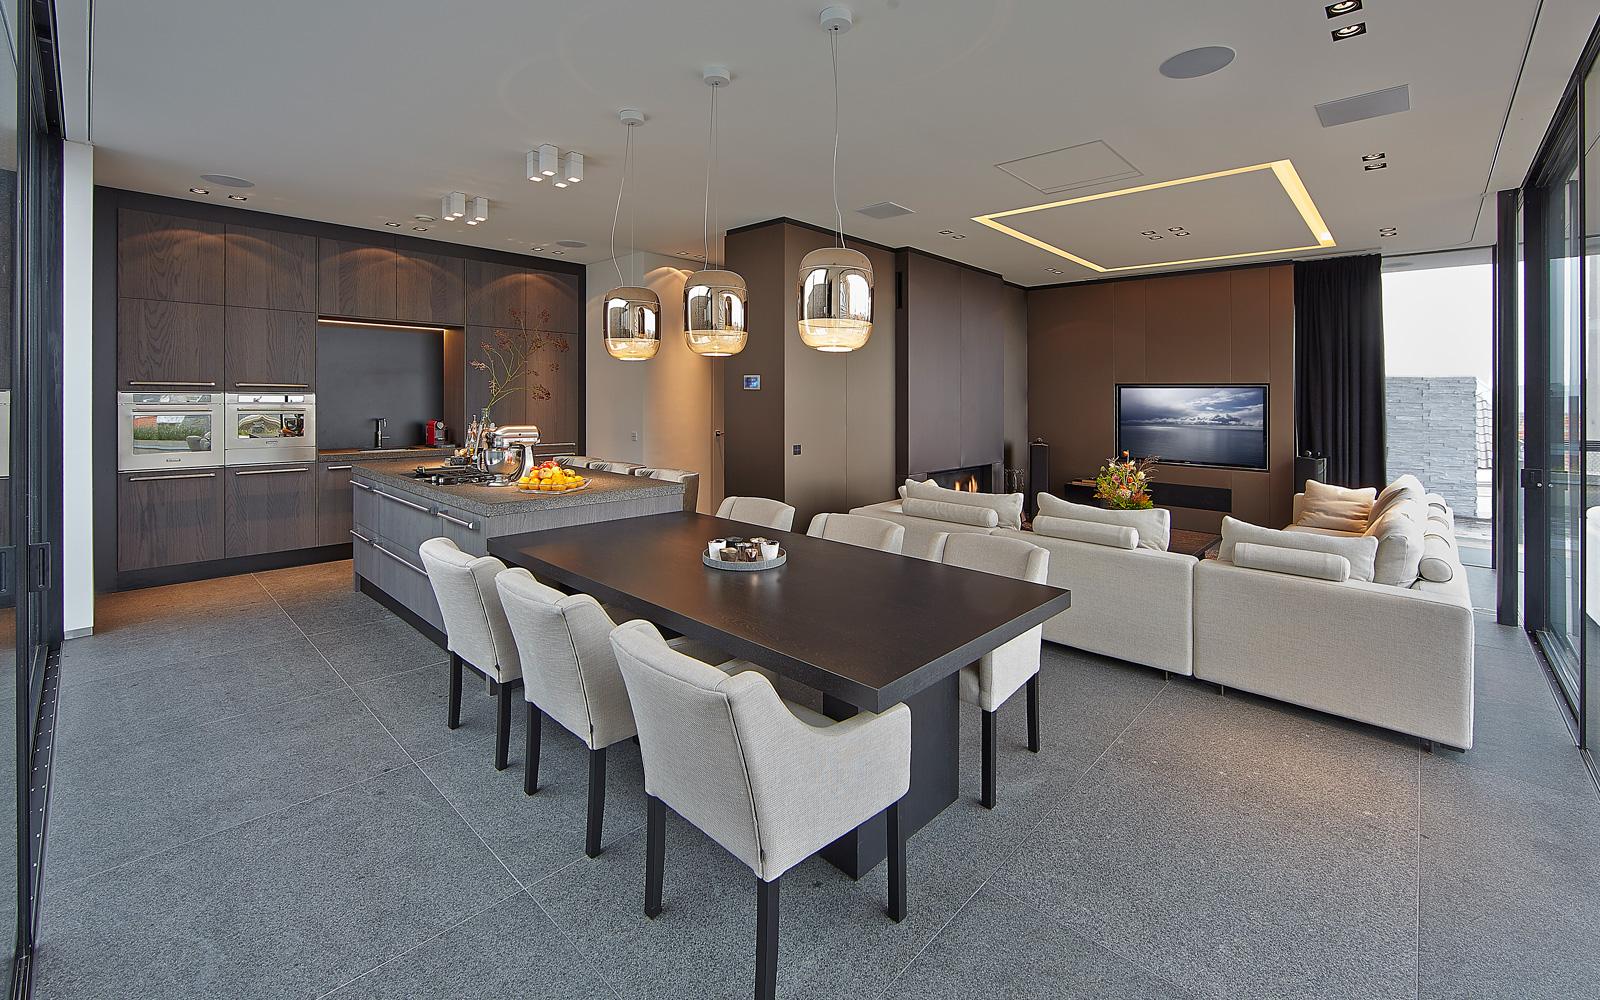 Keuken, woonkamer, open verbinding, ruimtelijk, natuursteen, eettafel, natuurlijke materialen, Powerhouse Company